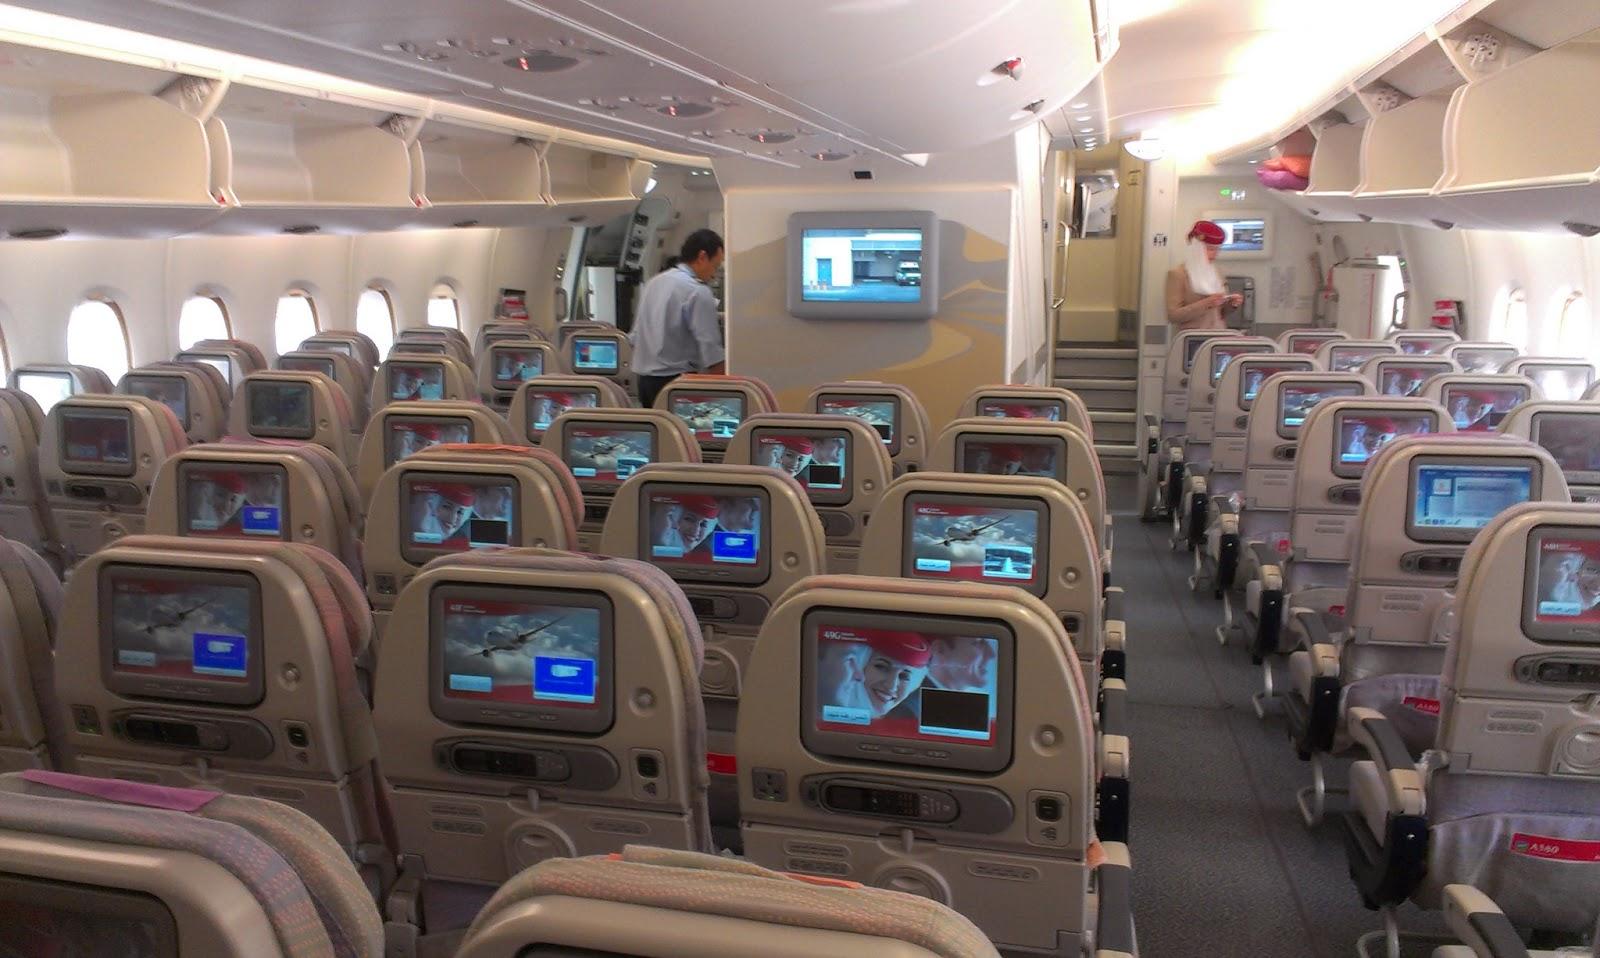 Sitzrekord im Emirates A380 Jetzt wird es voll in der Economy